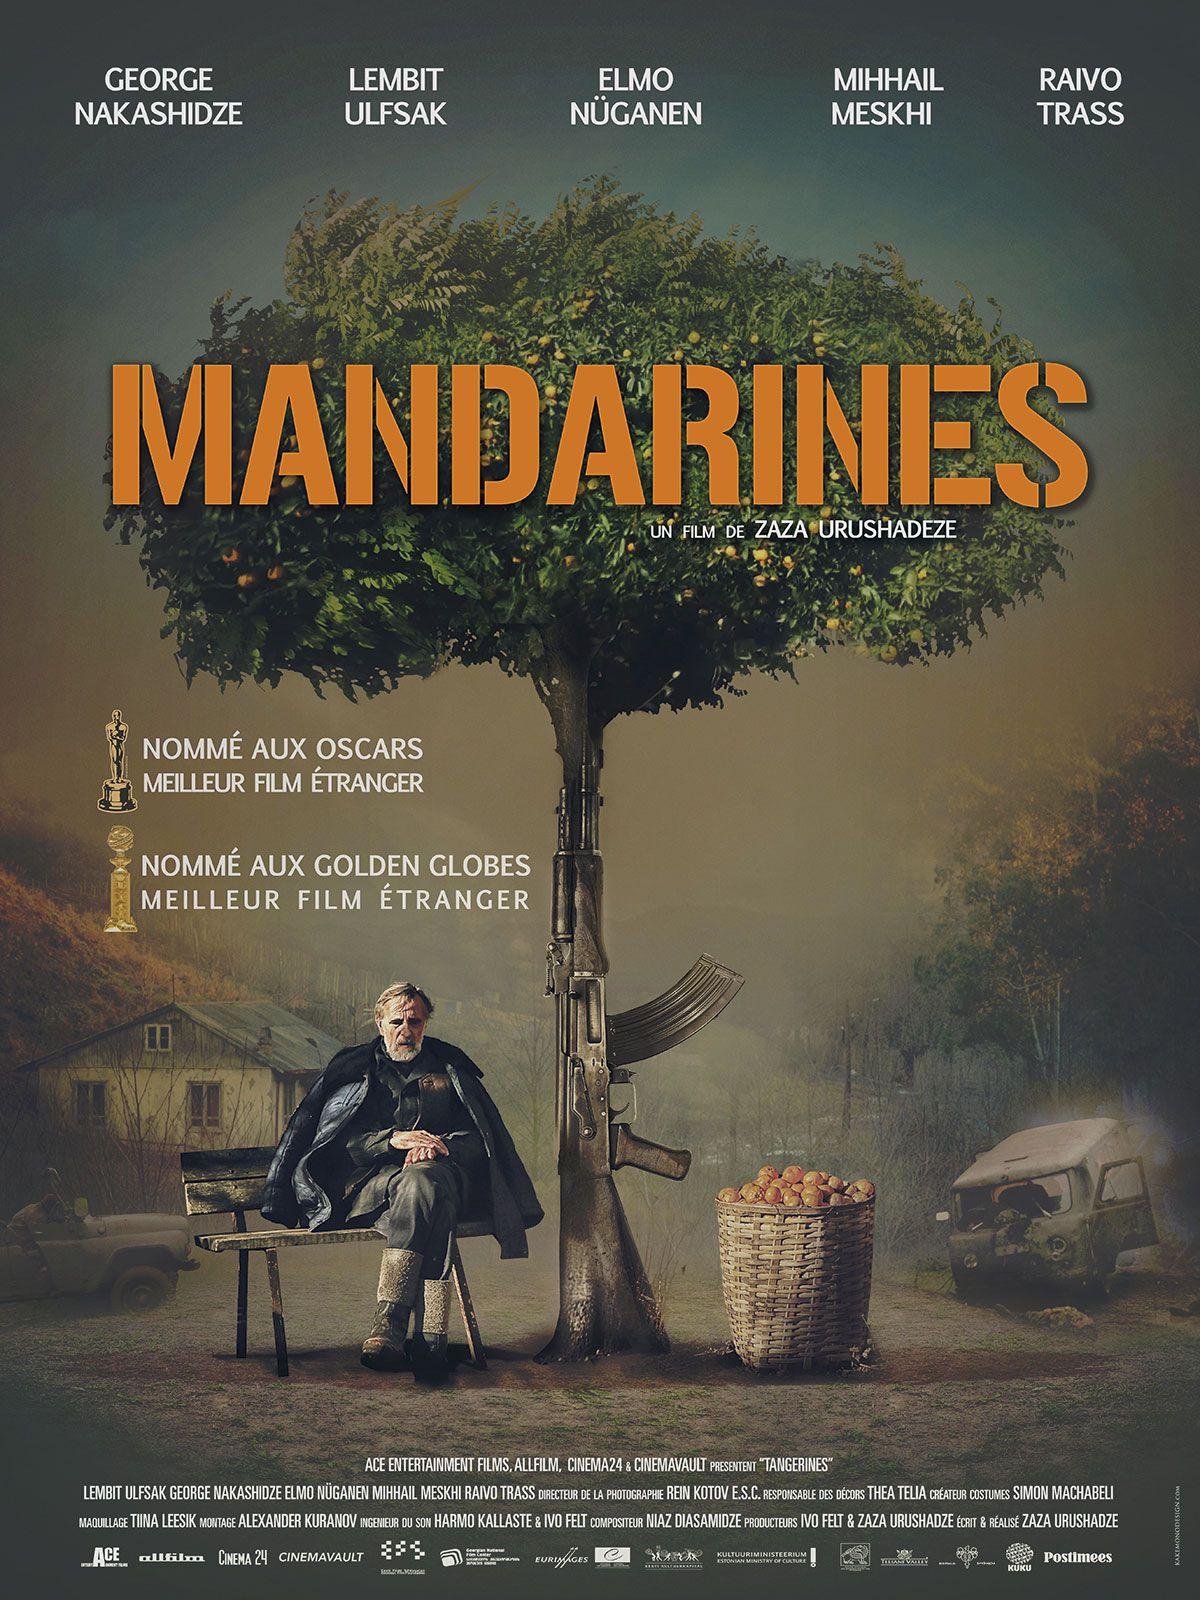 Mandarines - Film (2013)